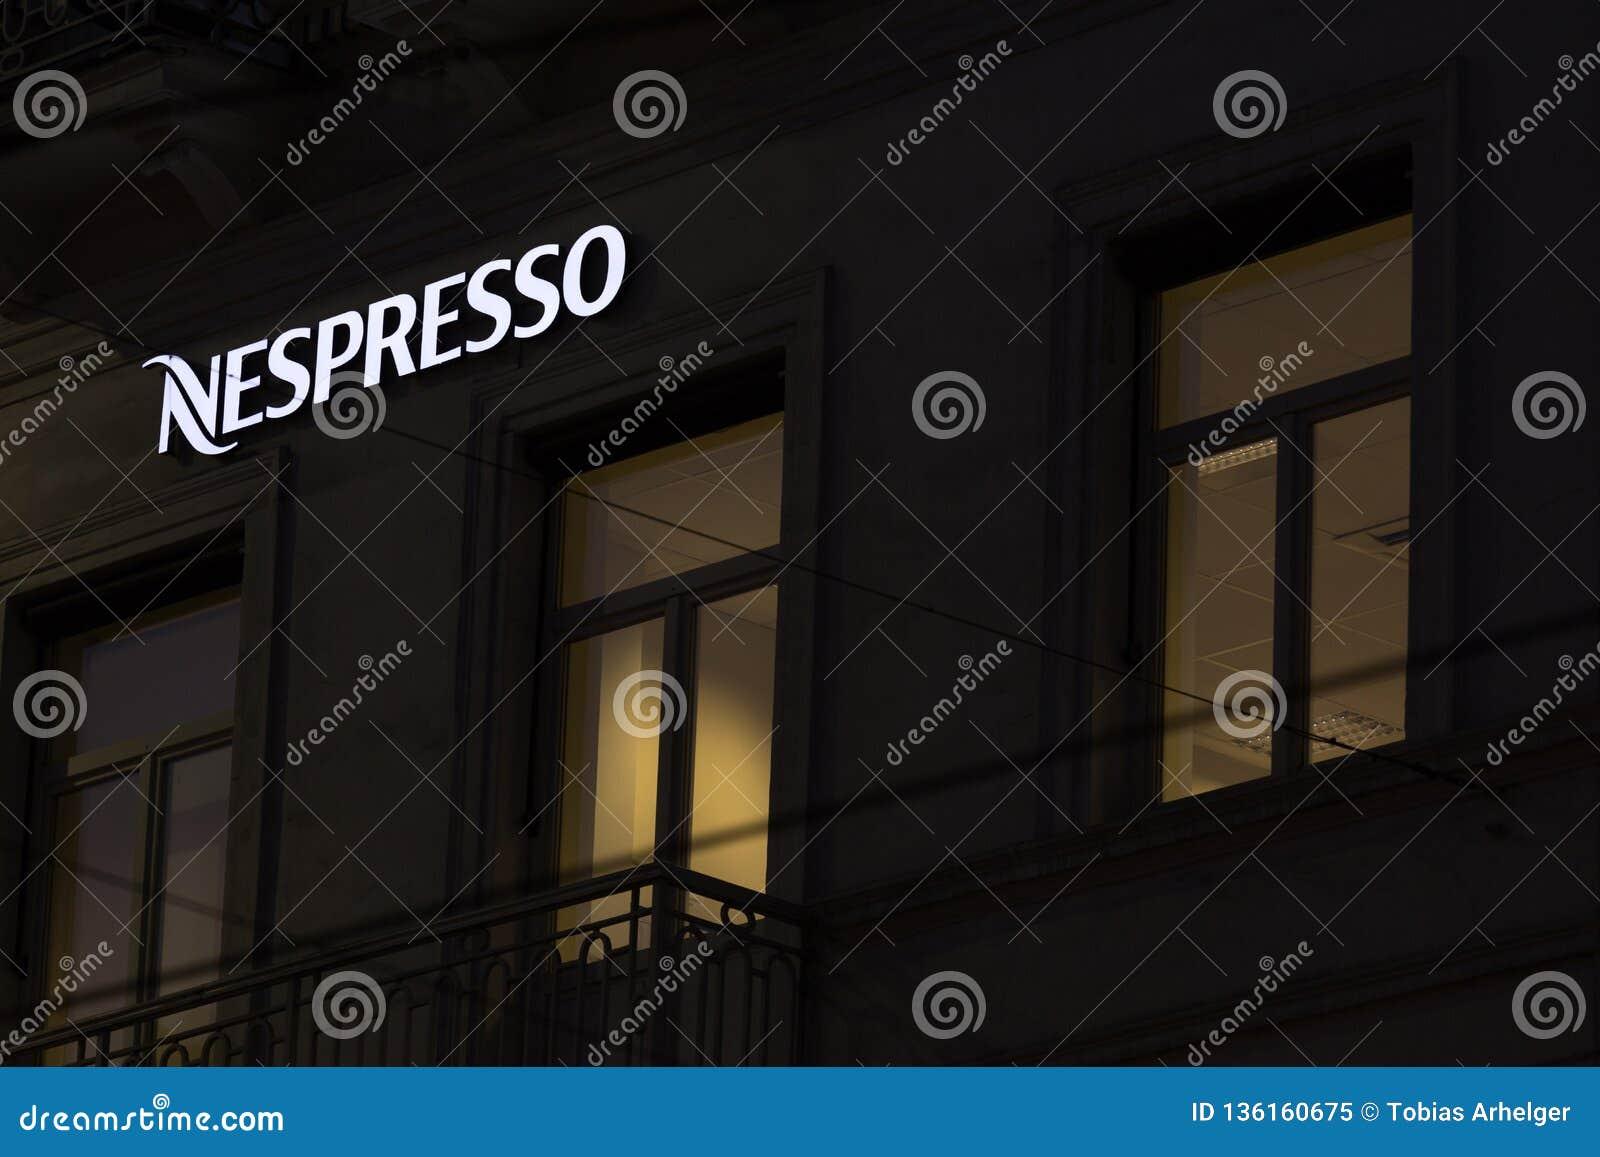 Bruxelas, Bruxelas/Bélgica - 13 12 18: o nespresso assina dentro Bruxelas Bélgica na noite